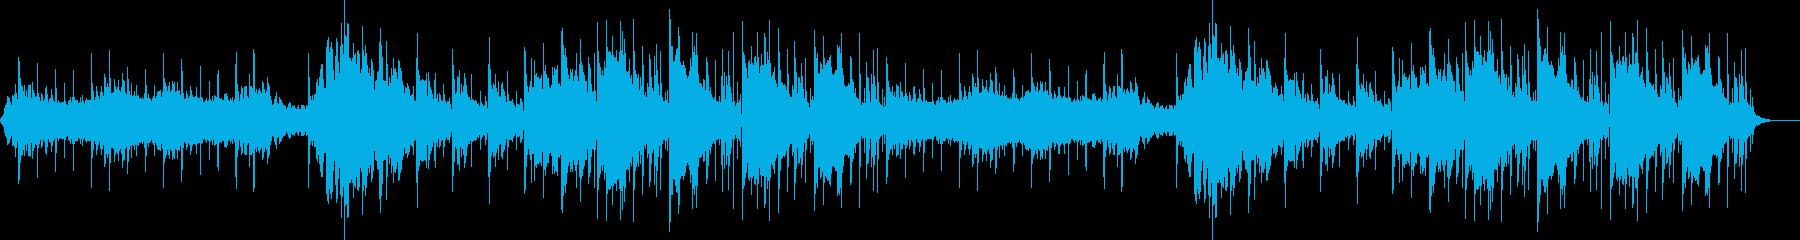 重めのアンビエントの再生済みの波形